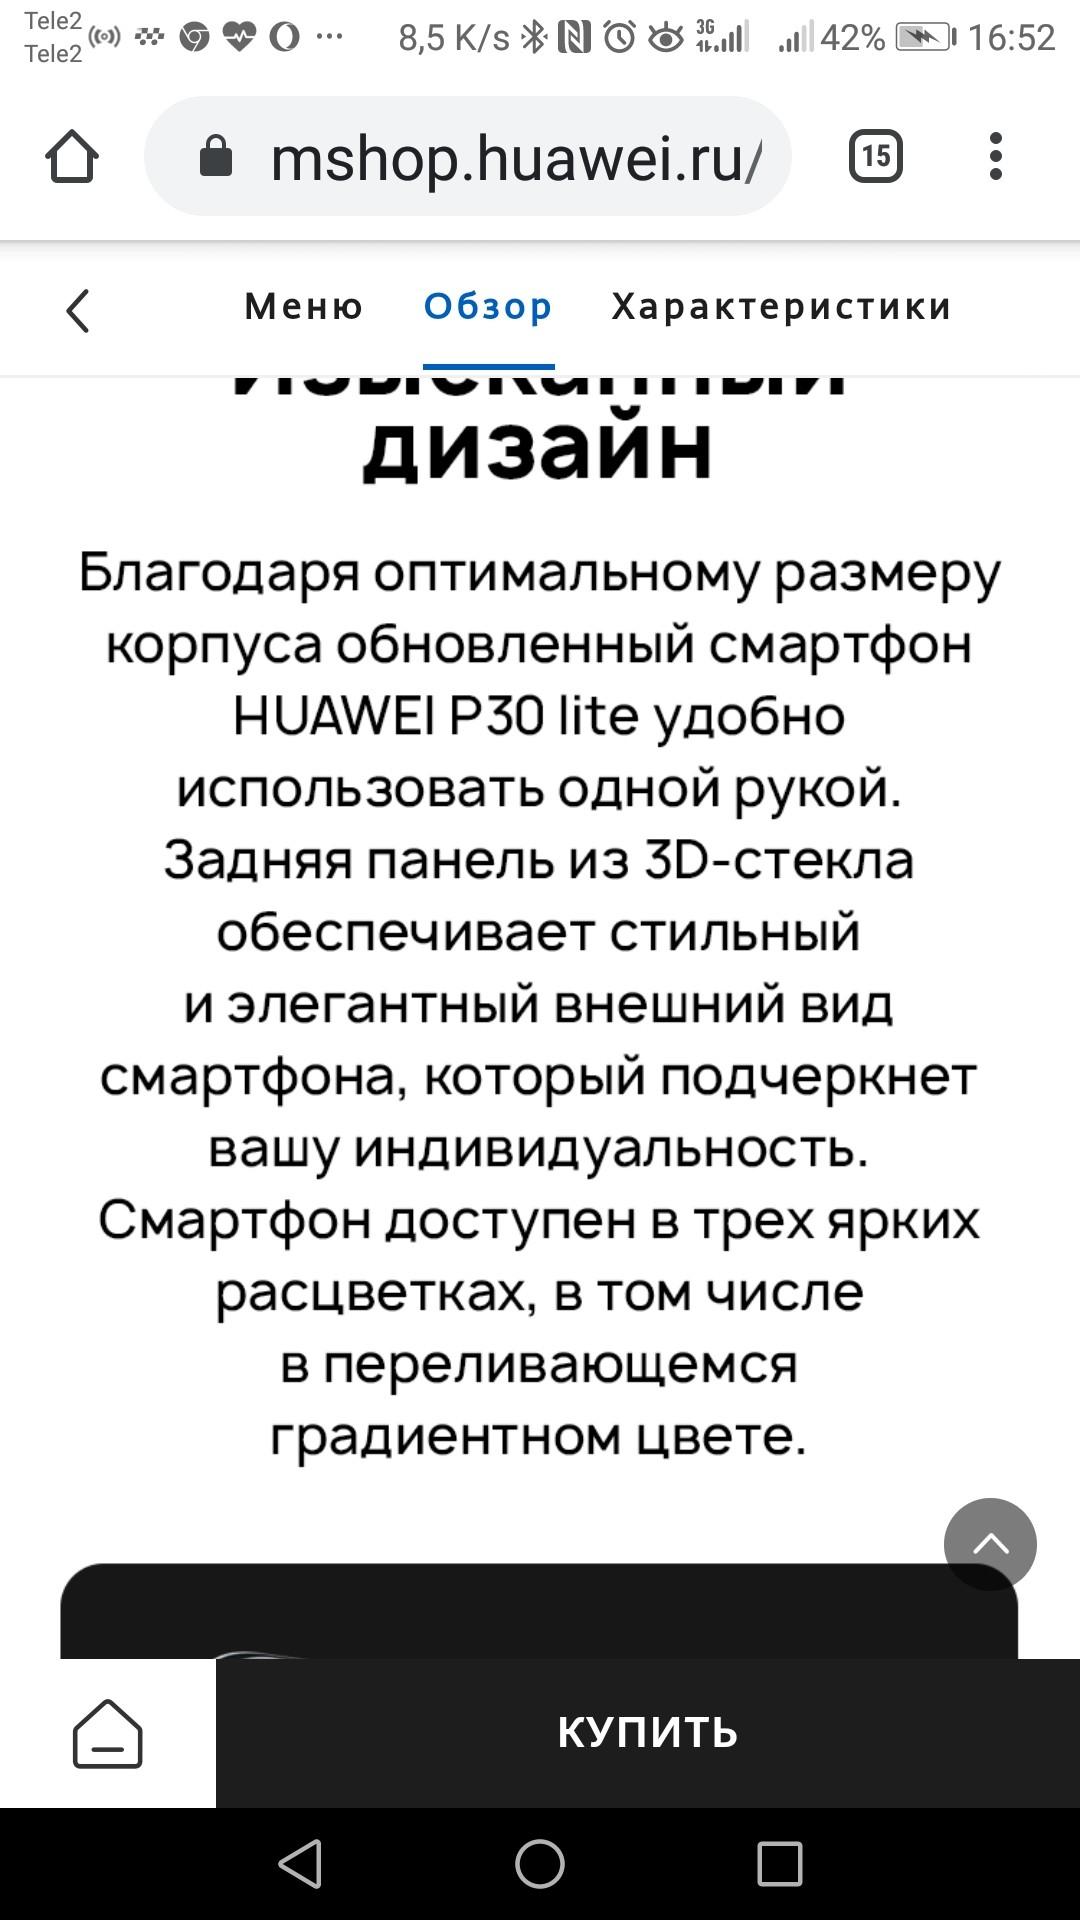 Screenshot_20201027-165210[1].jpg